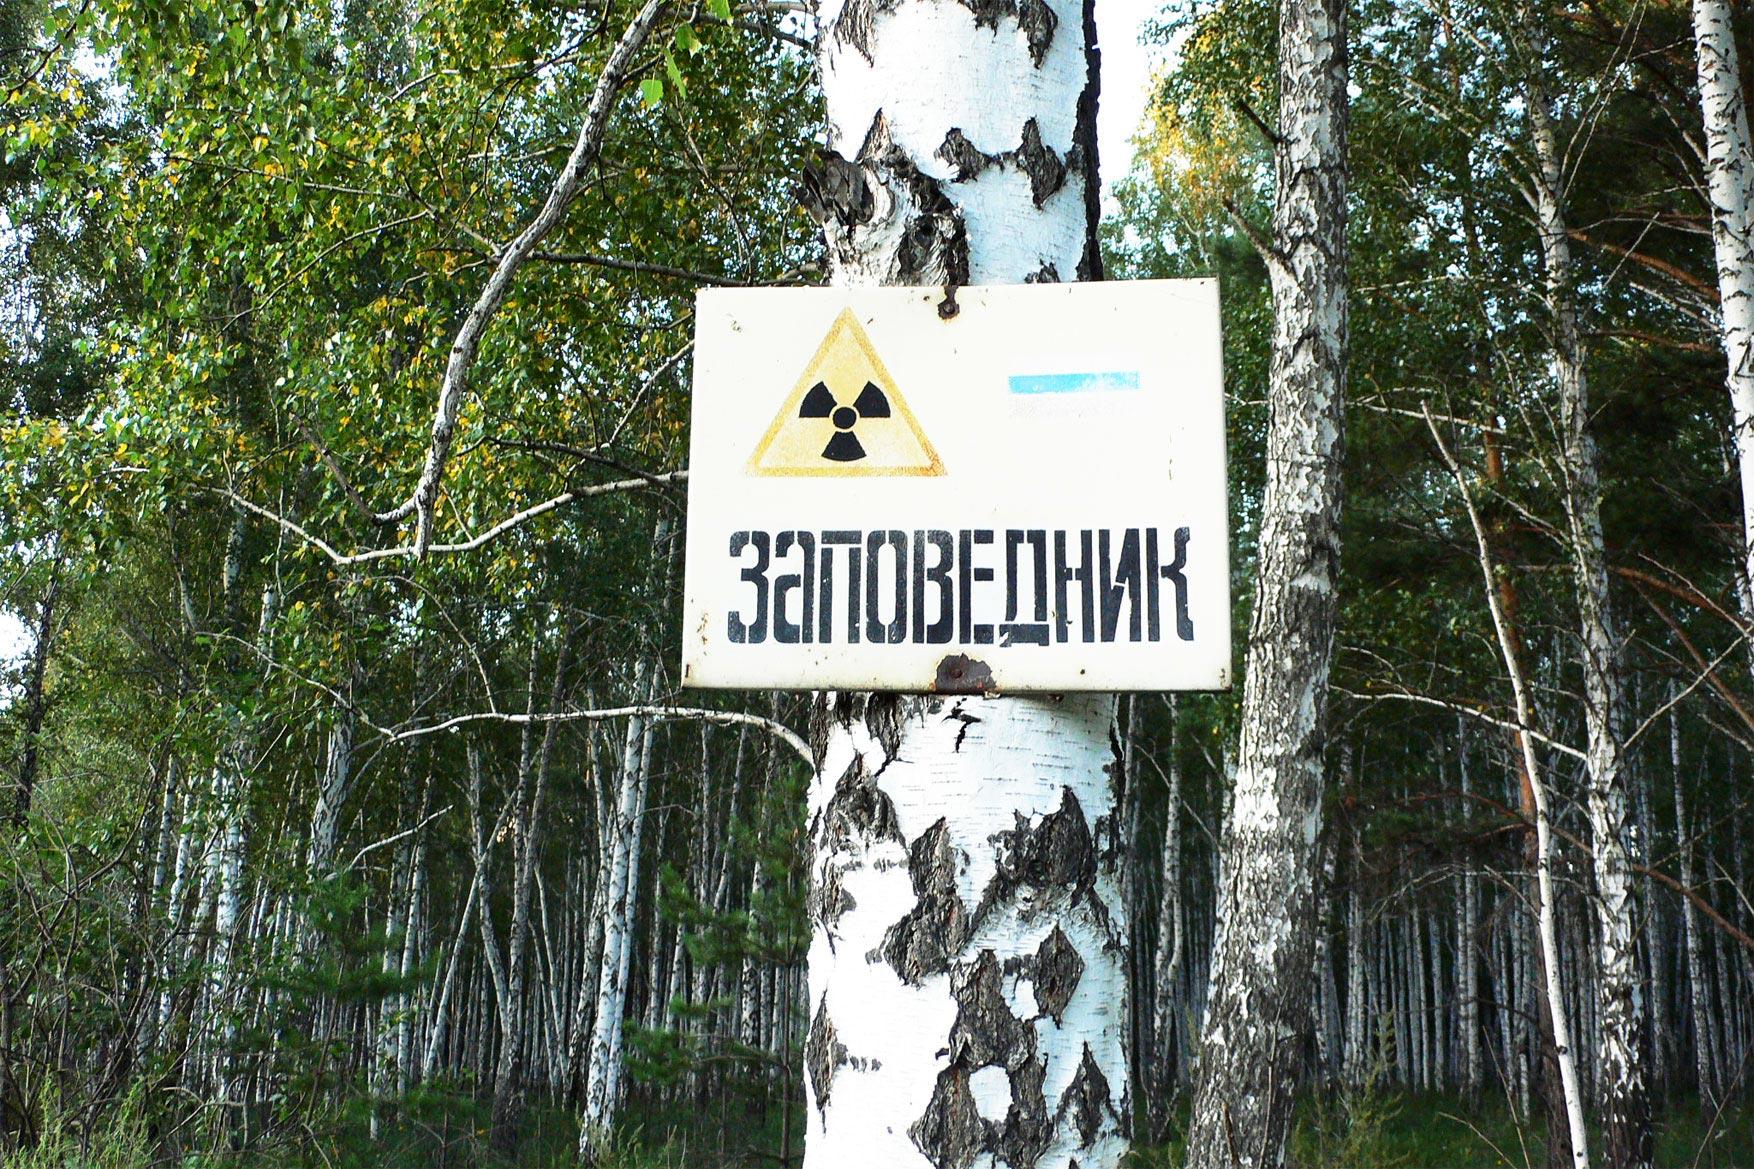 Промышленный регион? Пять удивительных мест, составляющих гордость Южного Урала